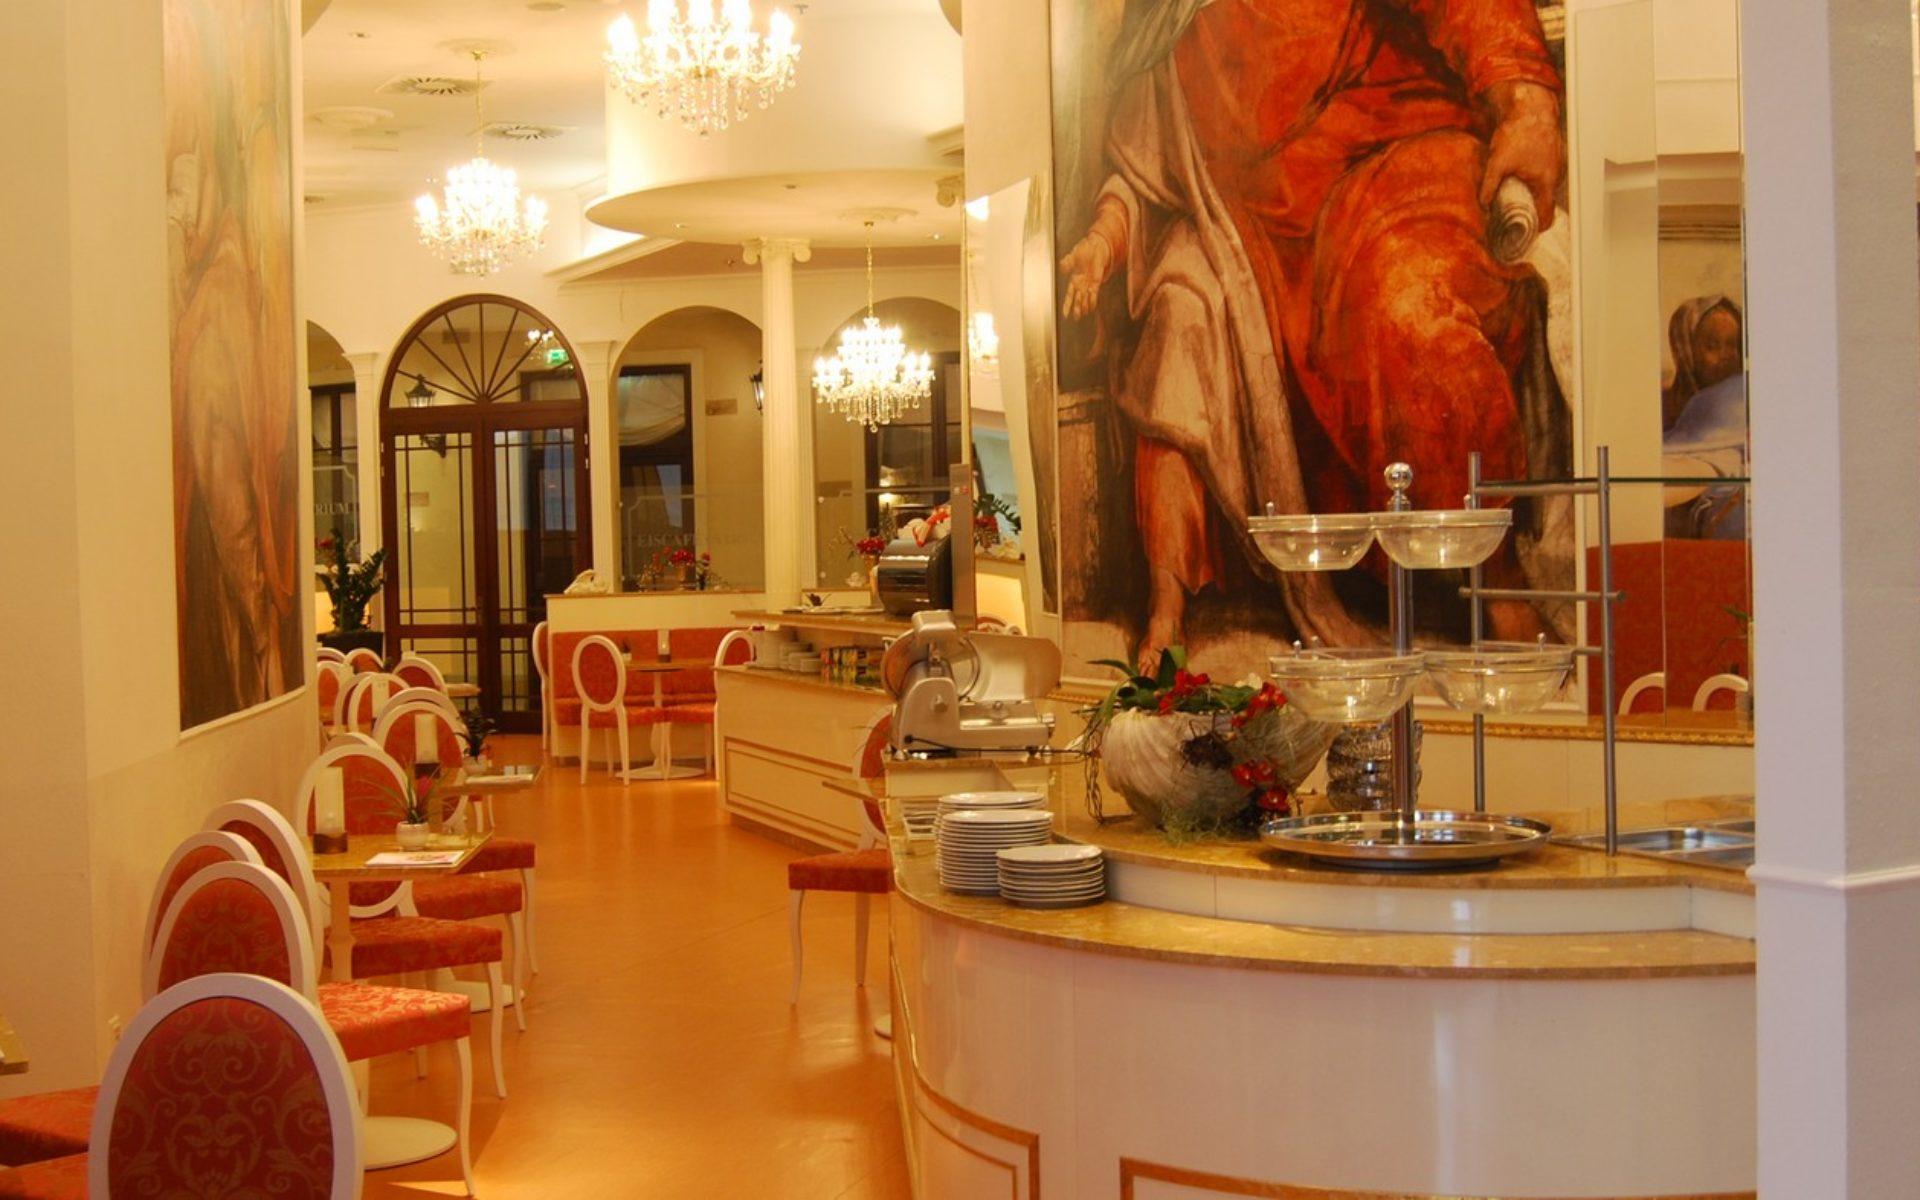 Arredamento esterno ristorante usato completo per bar for Angelo arredamenti